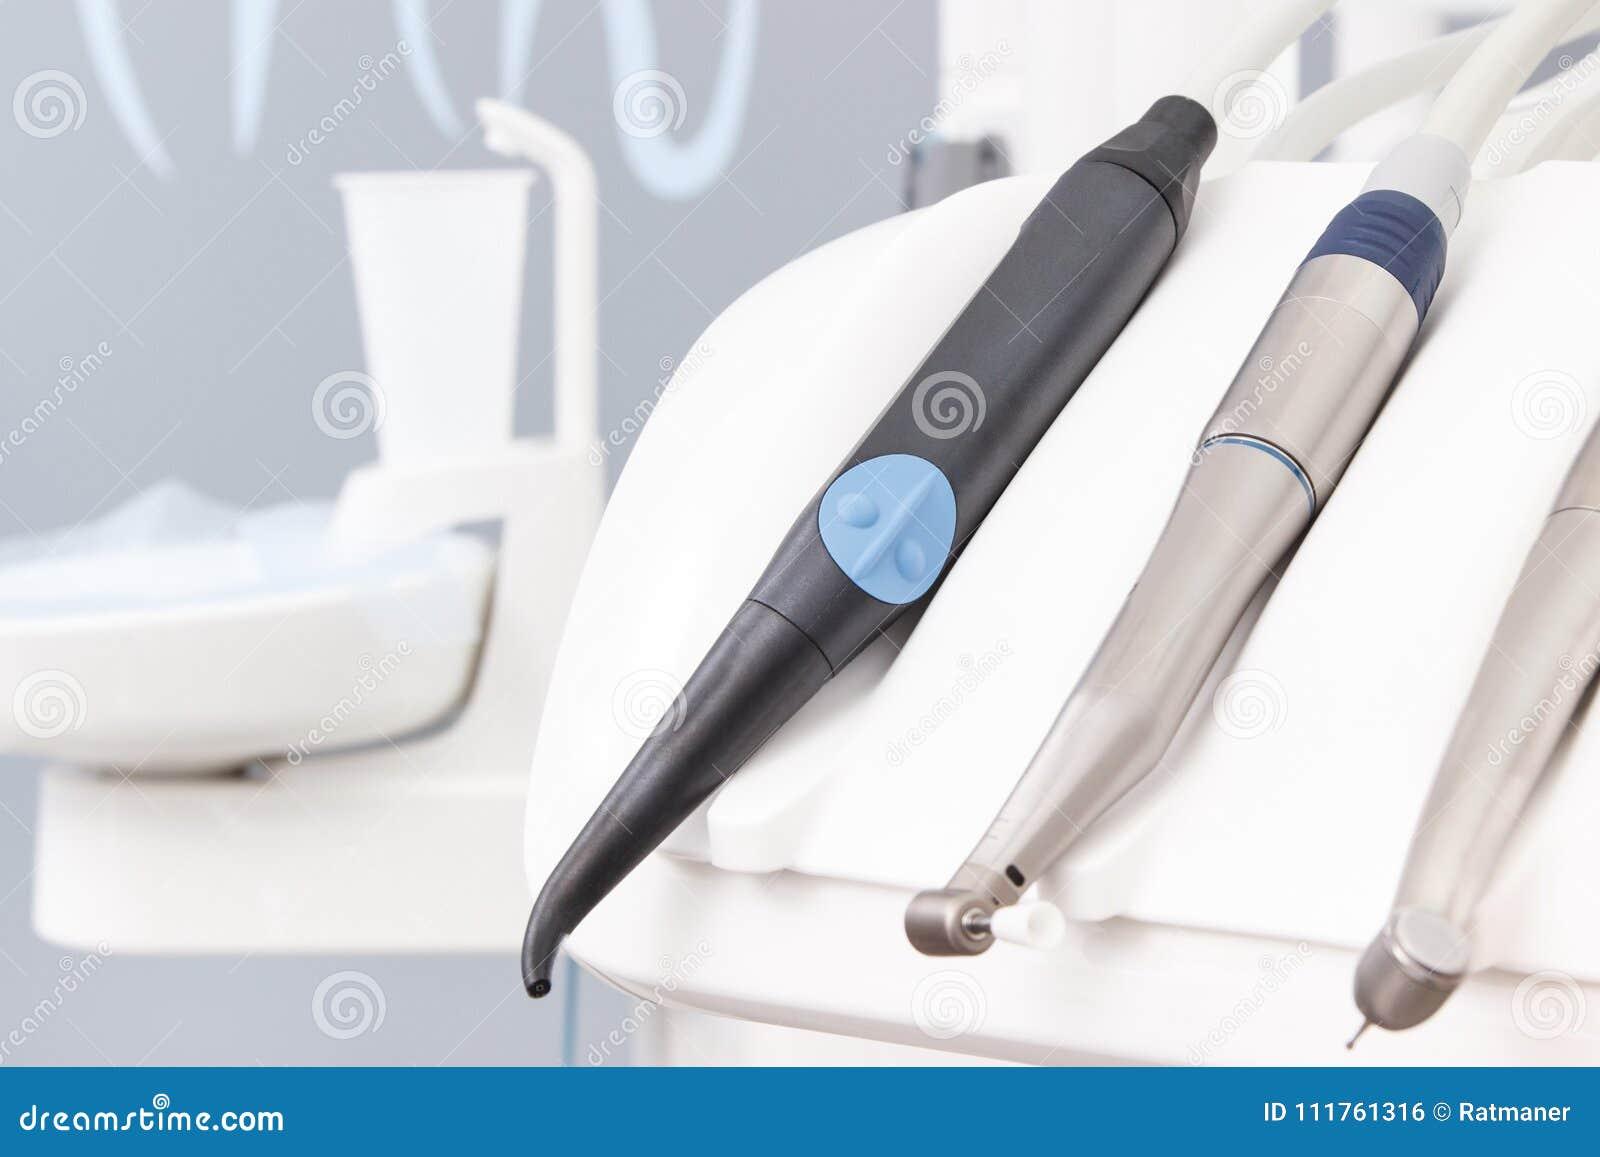 a disposizione come ottenere grande liquidazione Strumenti Dentari E Strumenti Utilizzati Dai Dentisti Nell ...